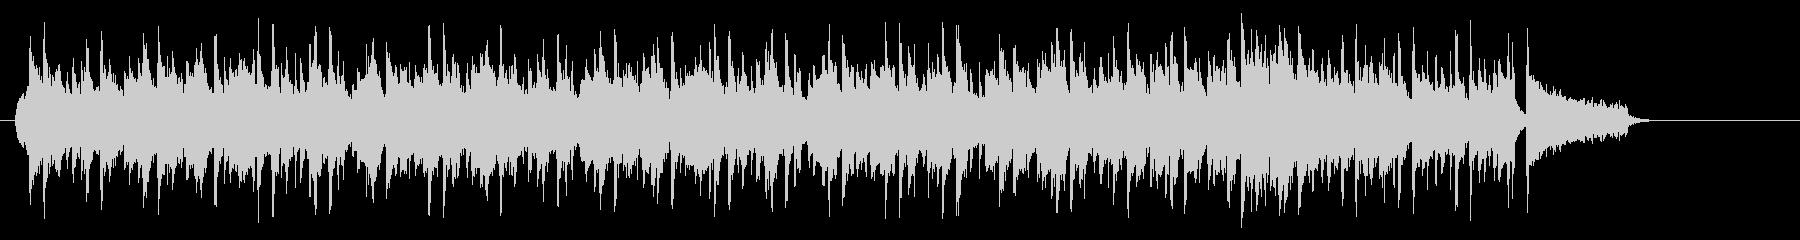 ポカポカ陽気ののどかなポップなレゲエの未再生の波形